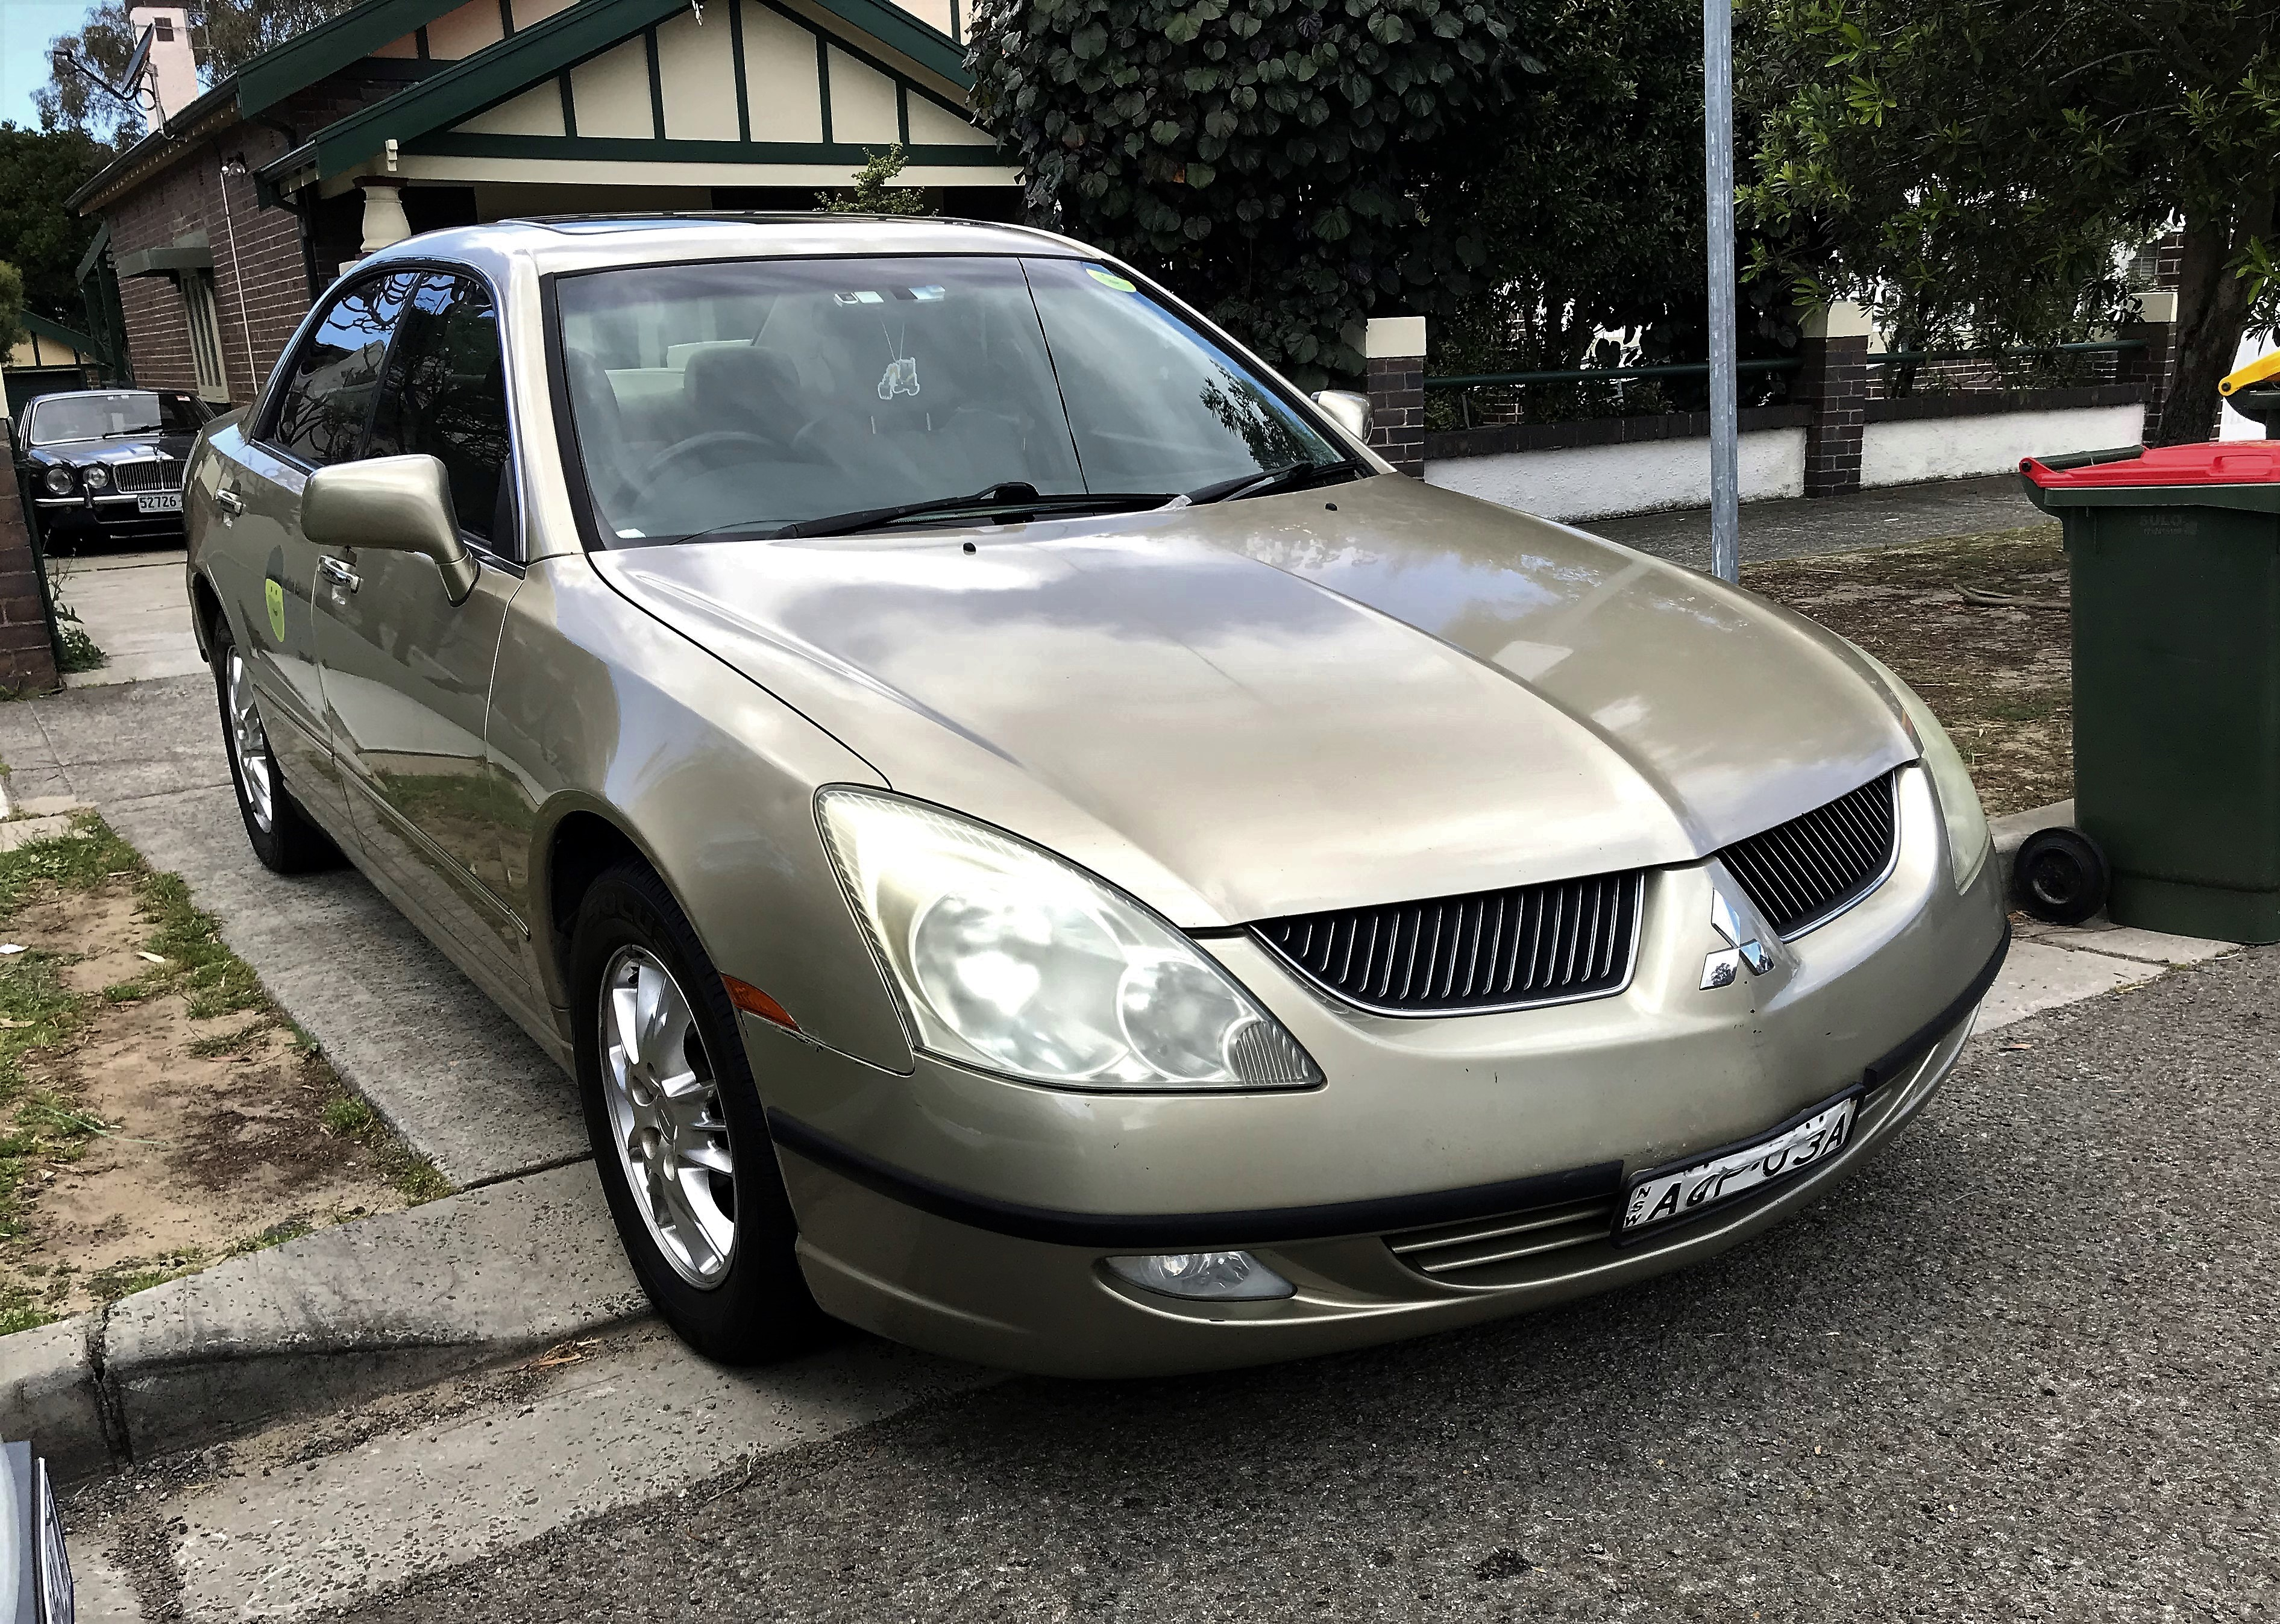 Picture of Josh's 2003 Mitsubishi Verada